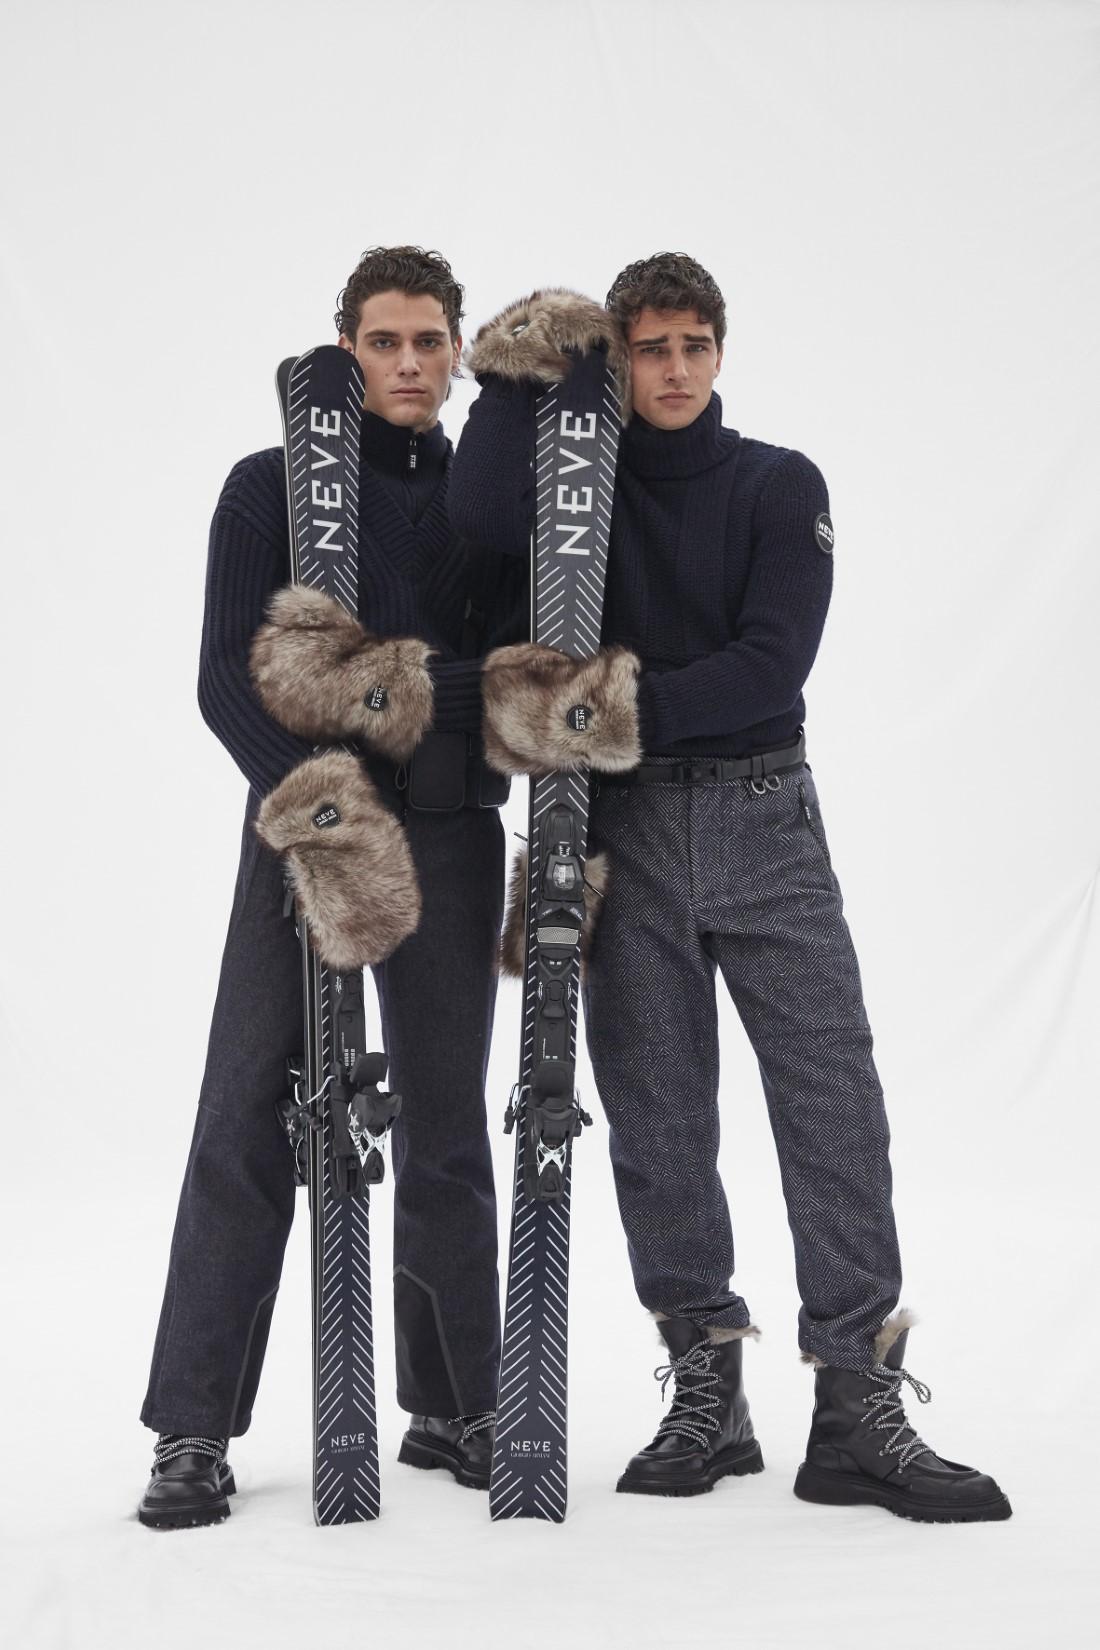 Giorgio Armani - Collection NEVE Automne-Hiver 2021